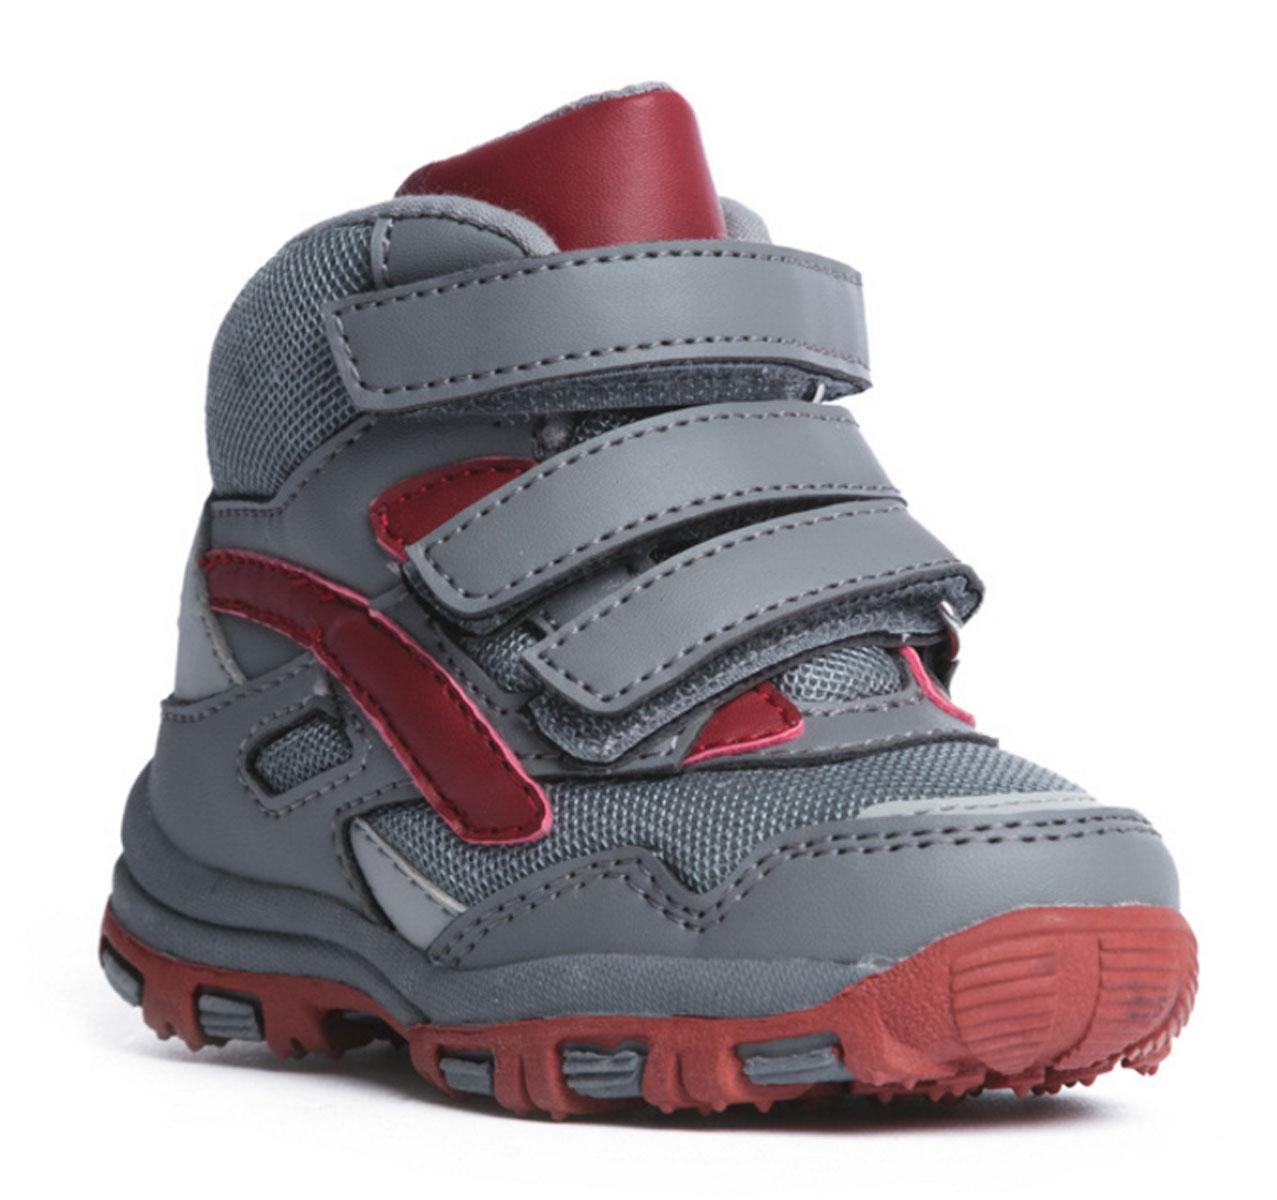 Ботинки для мальчика PlayToday Baby, цвет: серый, темно-красный. 177232. Размер 23177232Комфортные ботинки выполнены из современных материалов. Ортопедическая высокая пятка с мягким кантом по верху. Высокая гибкая подошва с рифлением обеспечивает оптимальный комфорт. Наполненная носочная часть правильно формирует стопу. Застежки на липучках отлично фиксируют модель на ноге.